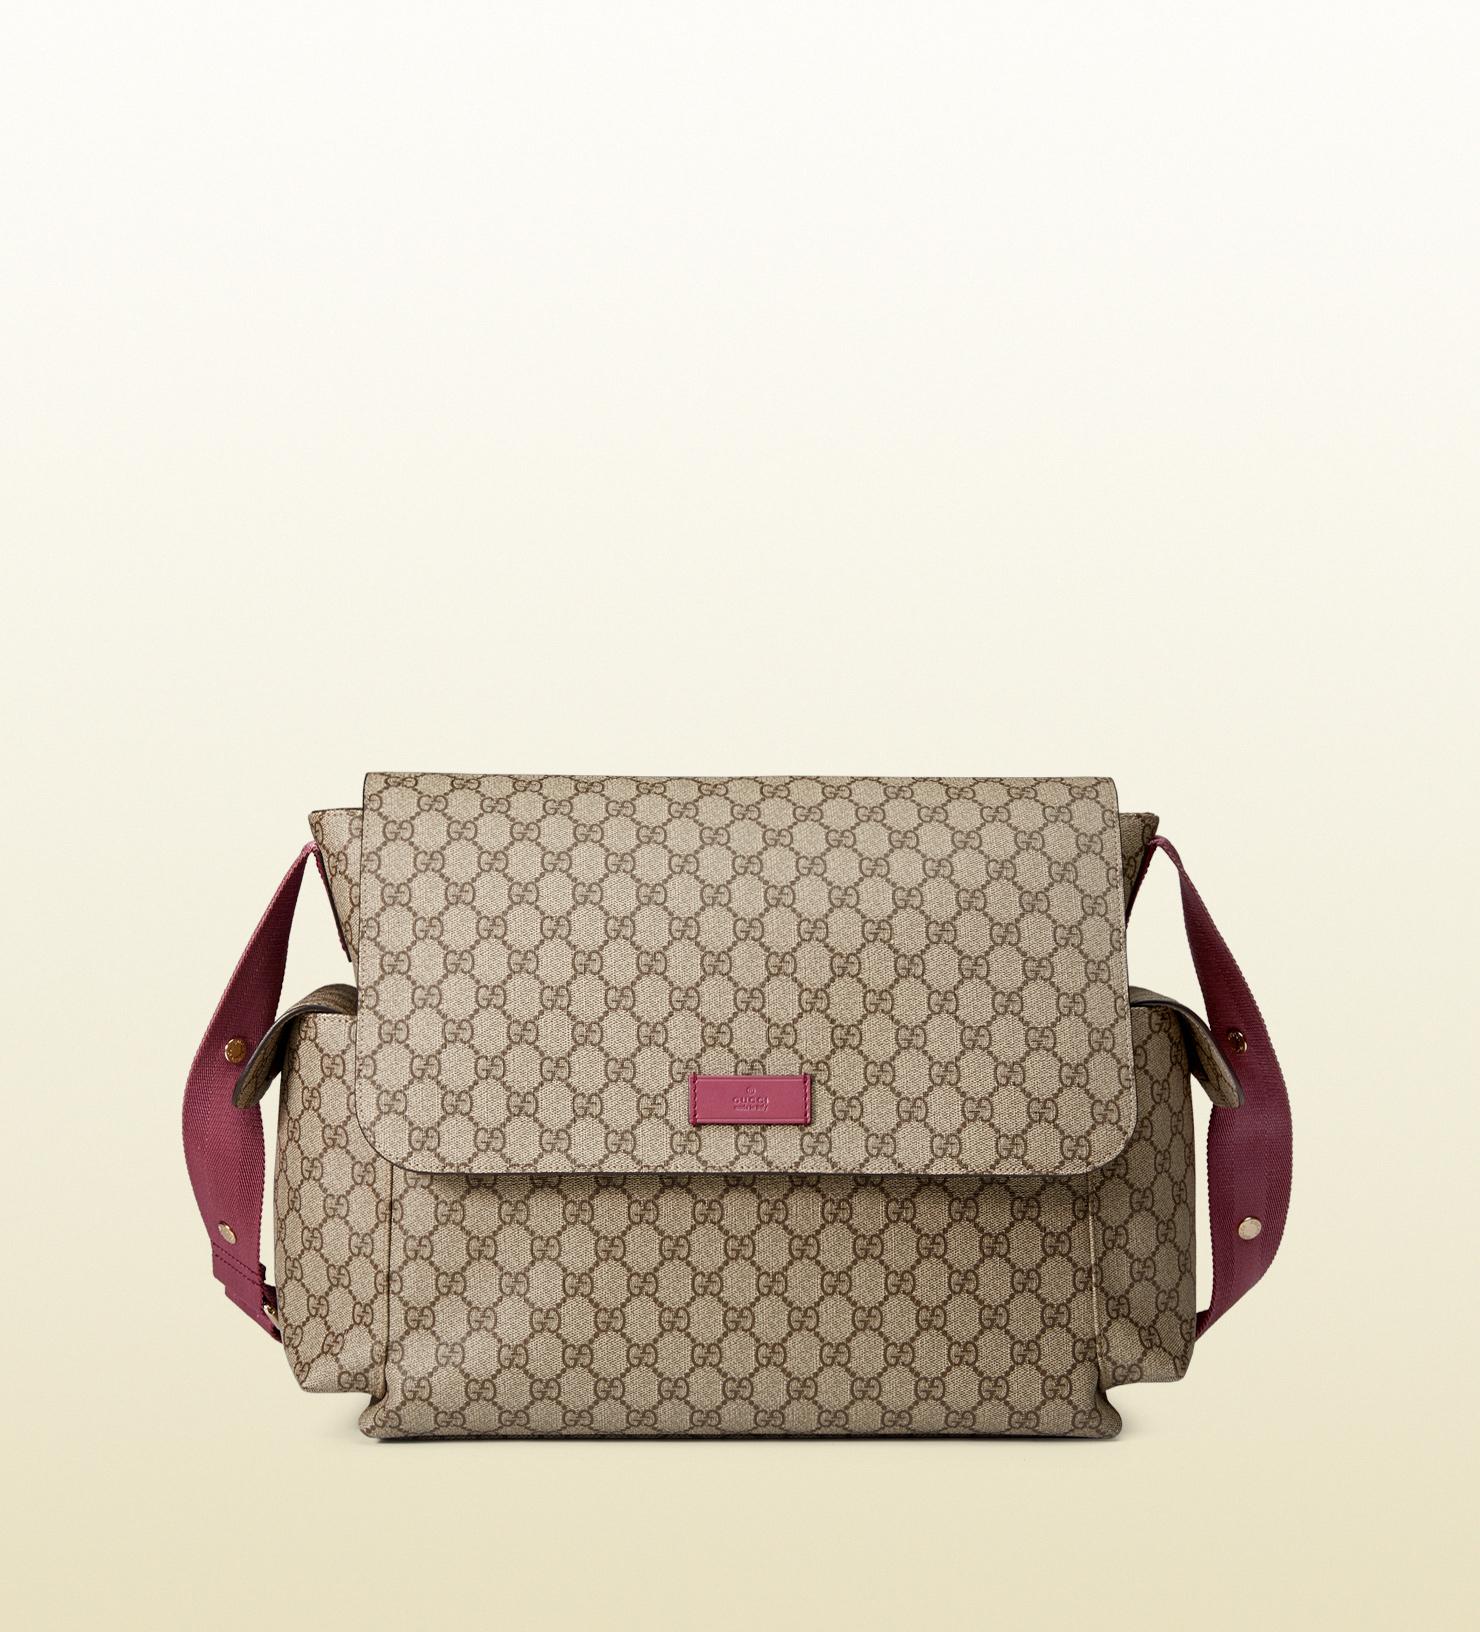 ff9a683f2ea1 Gucci Gg Supreme Canvas Diaper Bag in Pink - Lyst